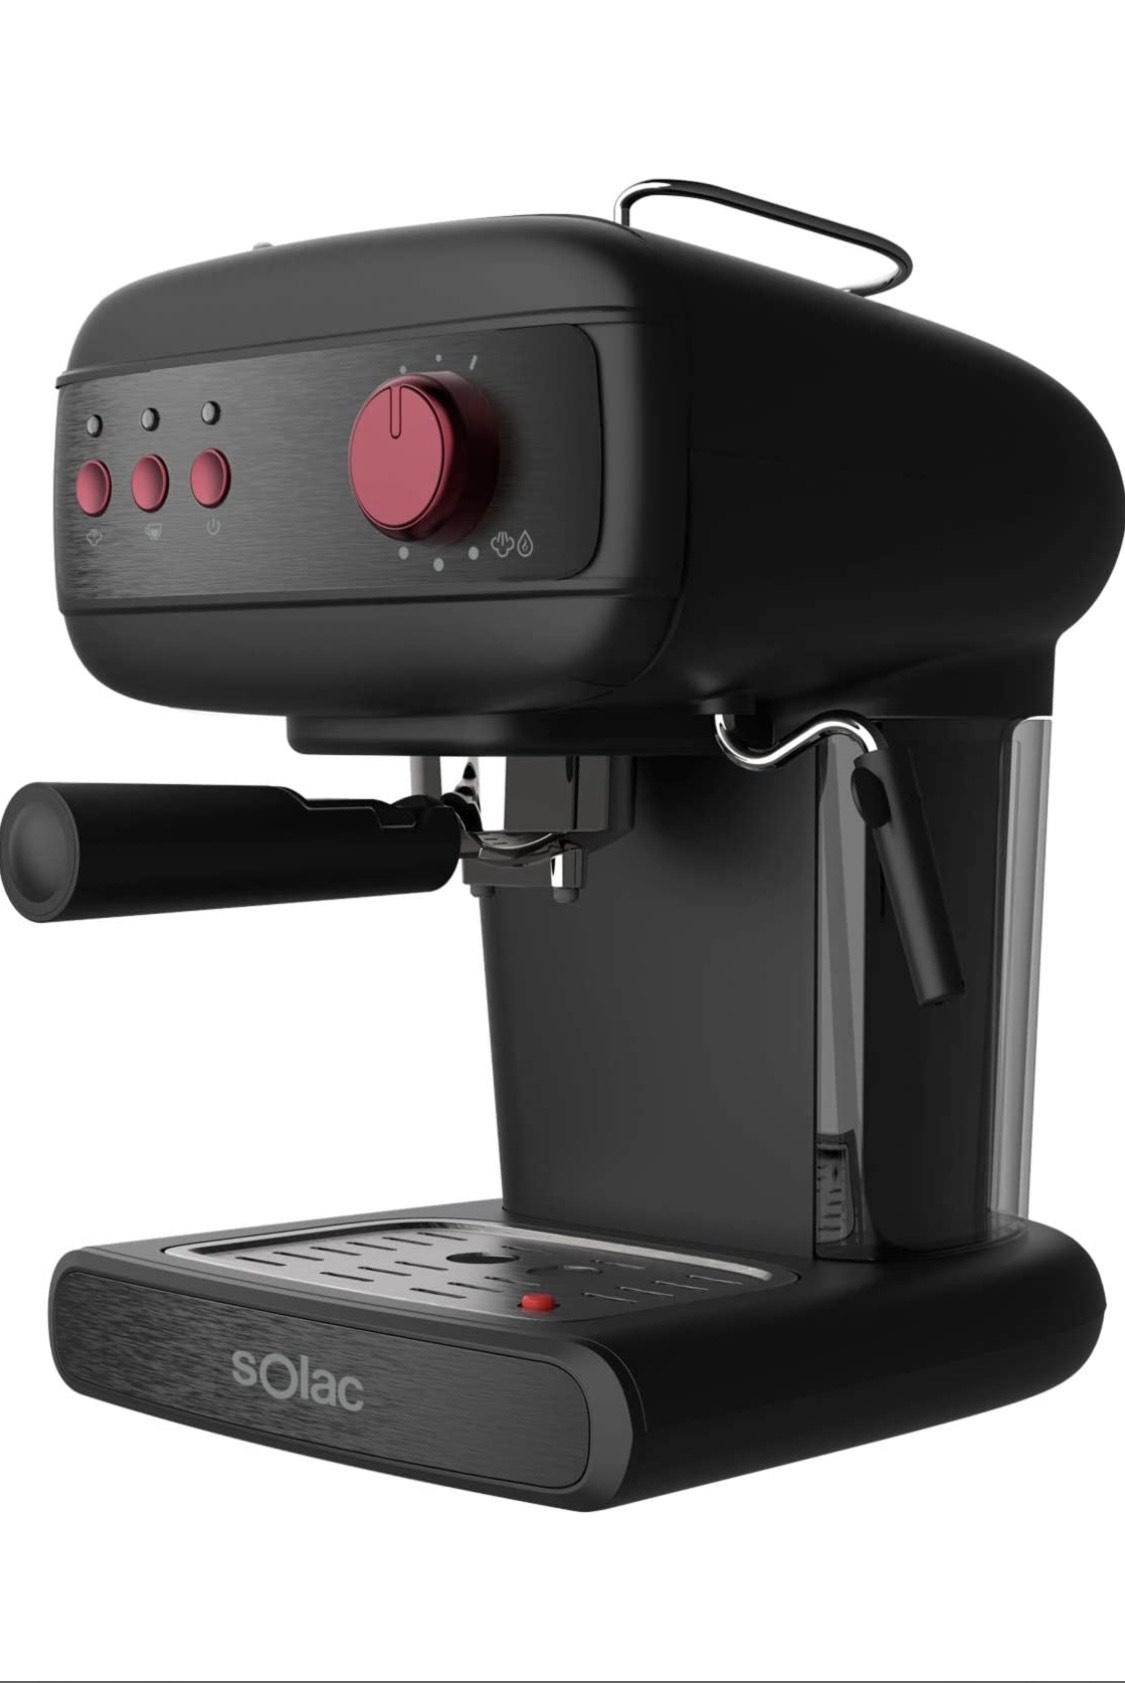 Cafetera Espresso SOLAC Black-Friday